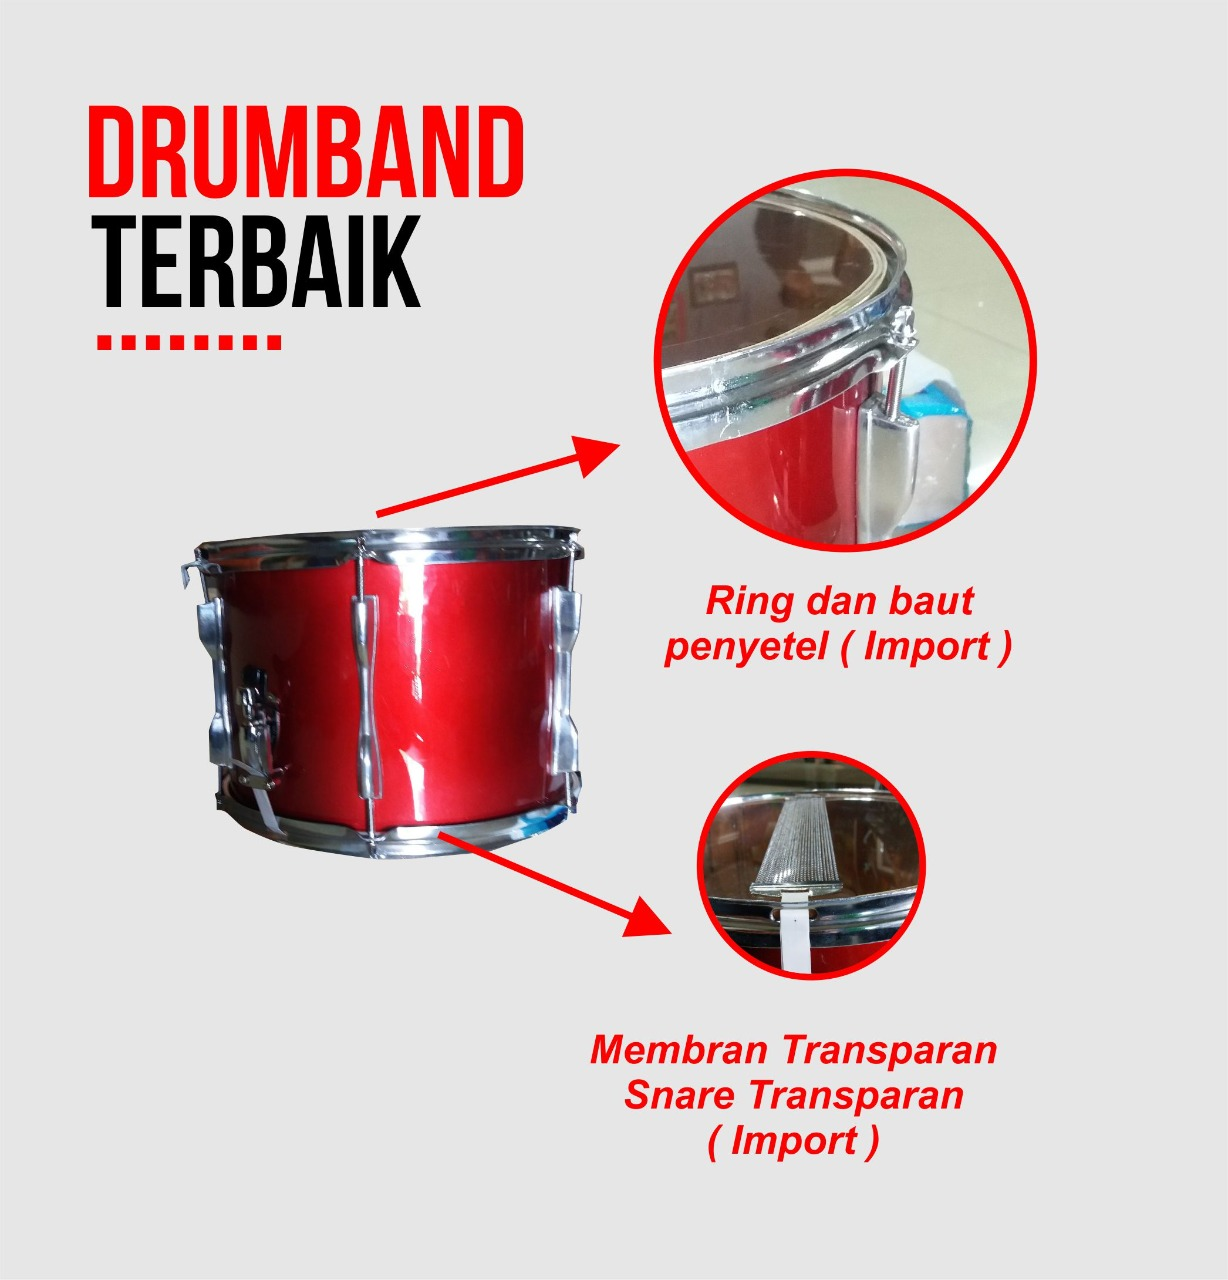 harga drumband terbaik